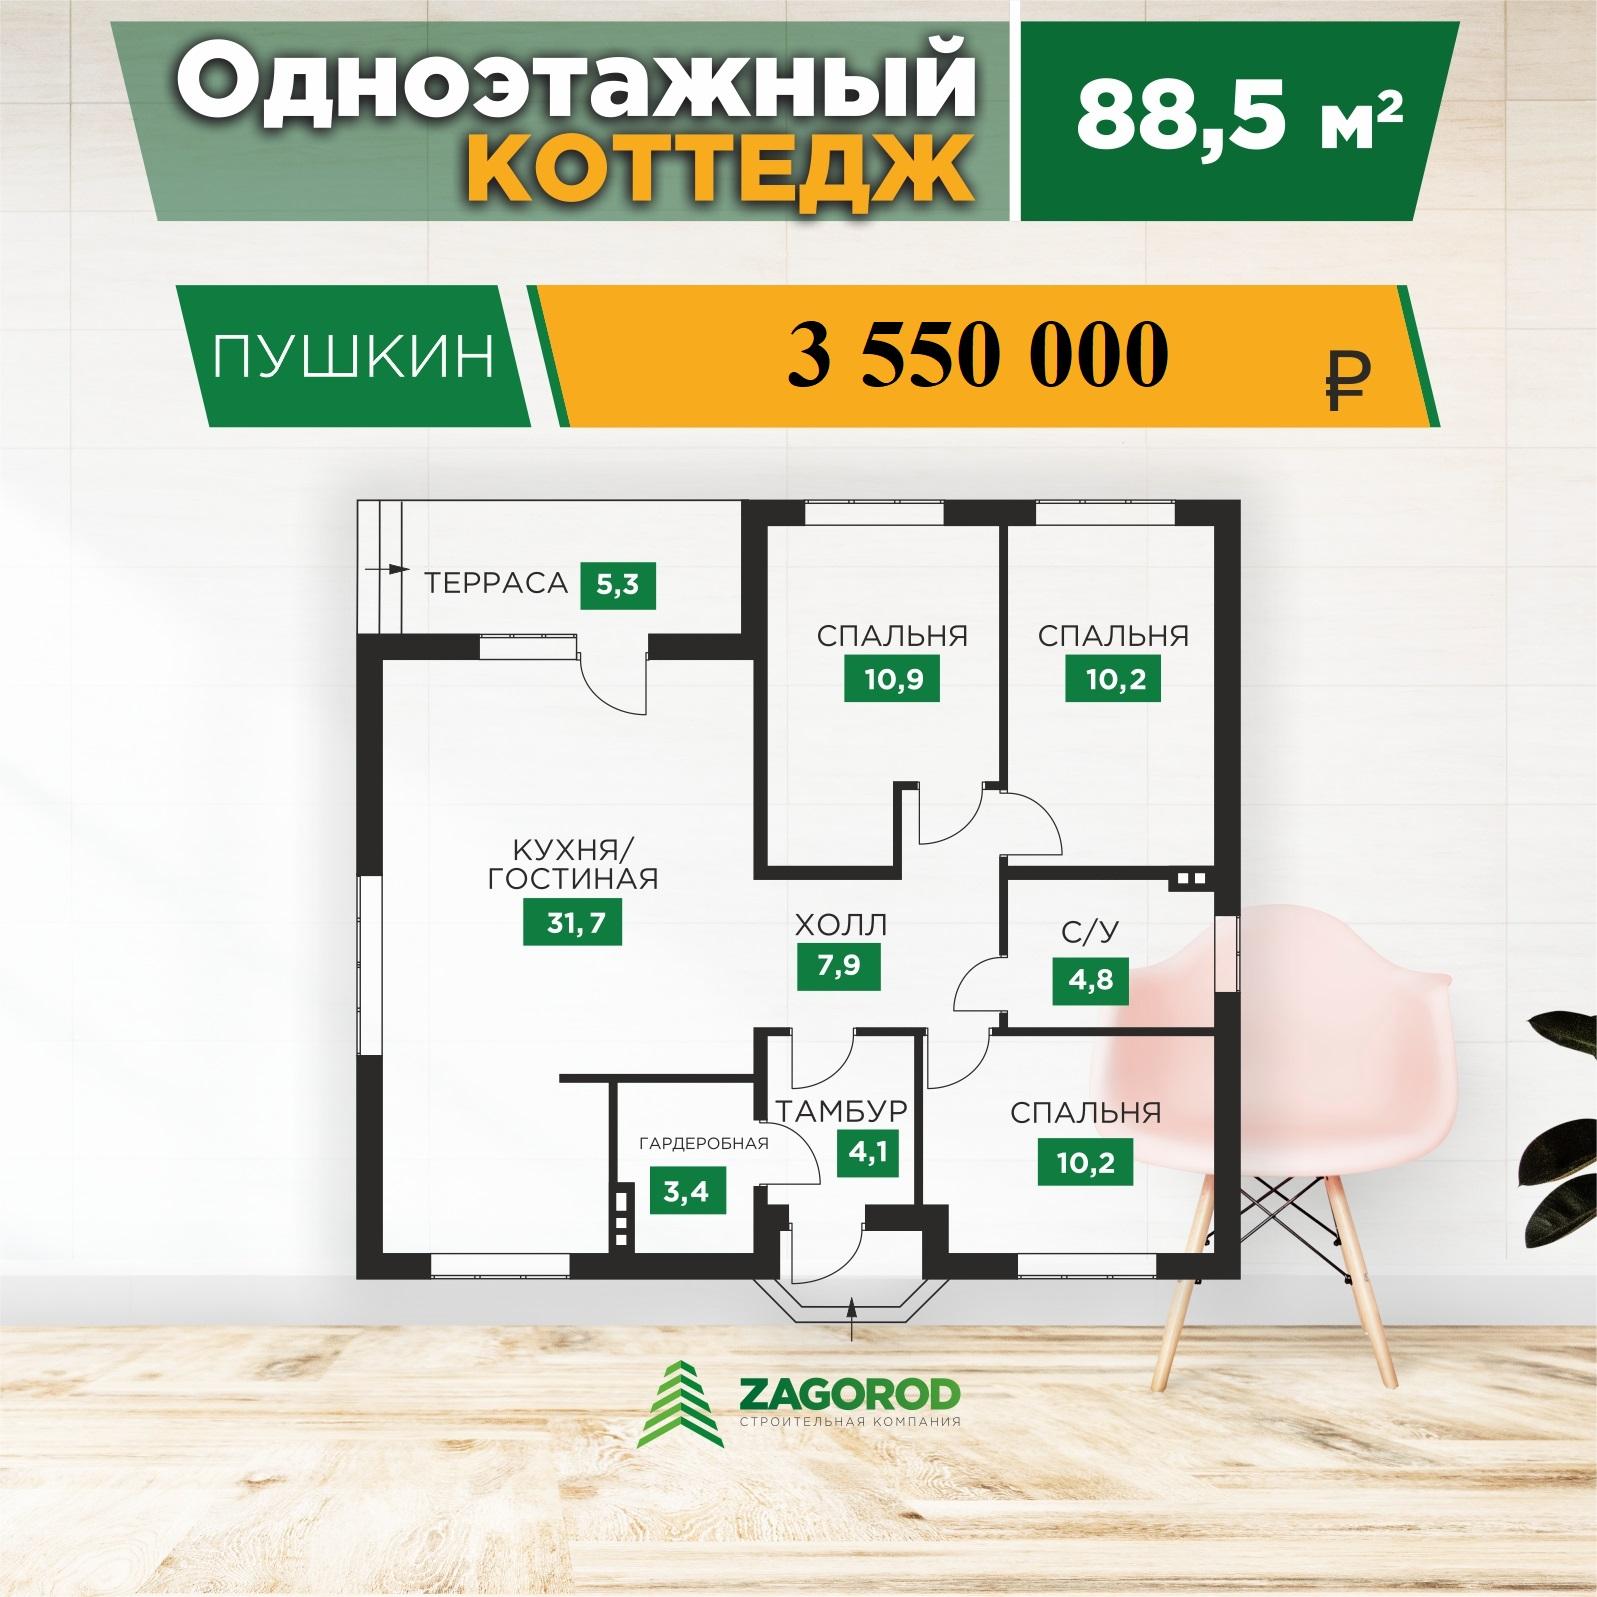 Коттедж «Пушкин» — 88,50 м2 | «Знатный Dvor»